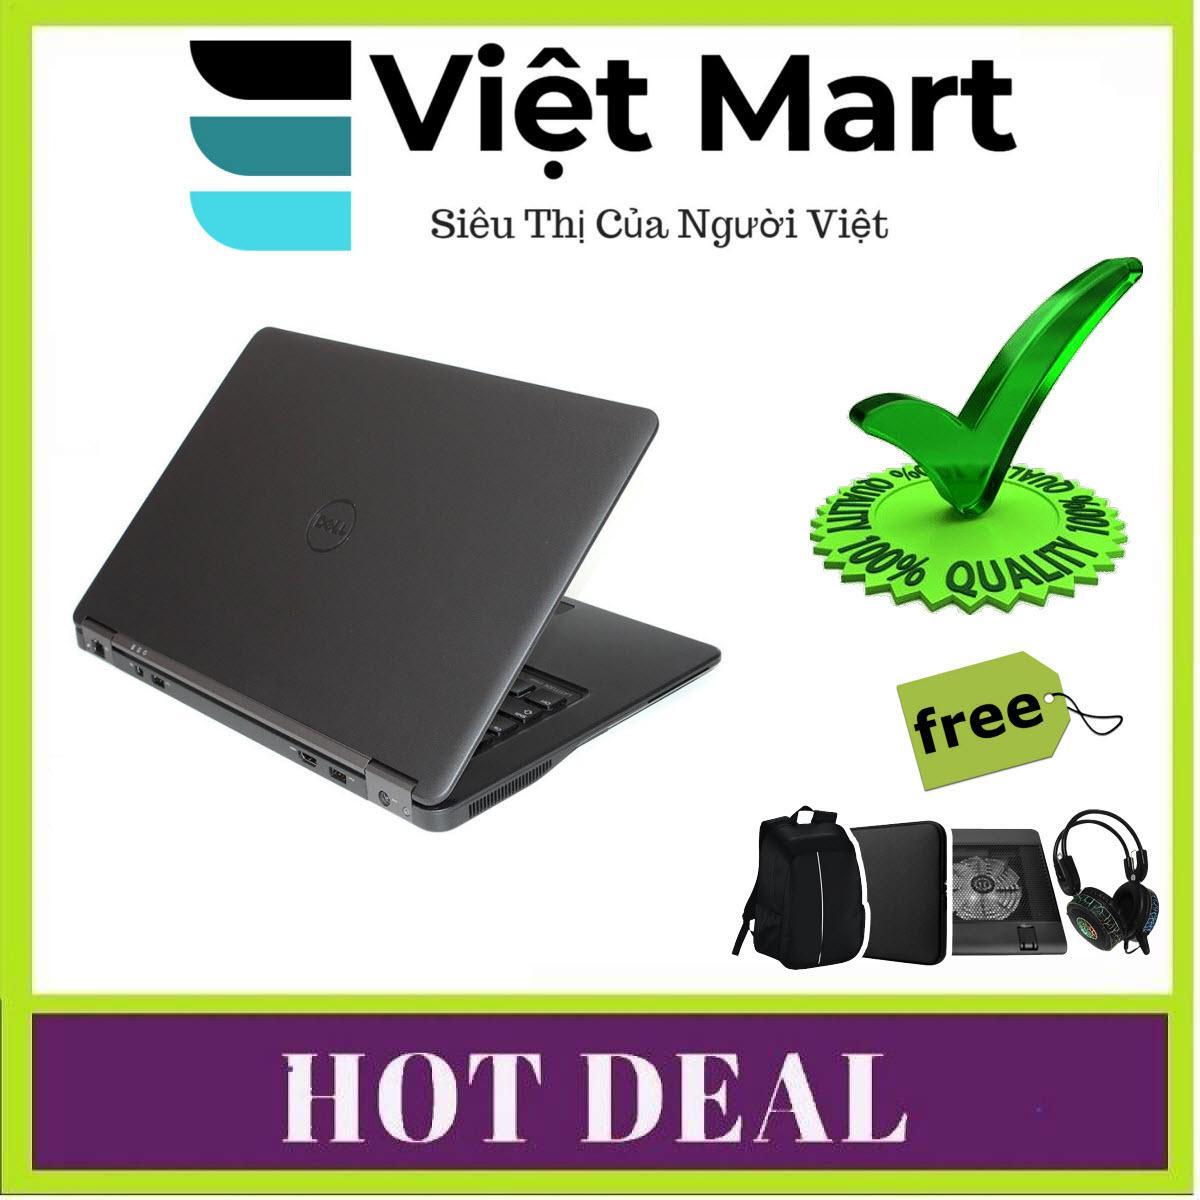 Laptop Dành Cho Doanh Nhân Dell Latitude E7450 (i5-5300U, 14inch, 8GB, HDD 500GB) + Bộ Quà Tặng - Hàng Nhập Khẩu